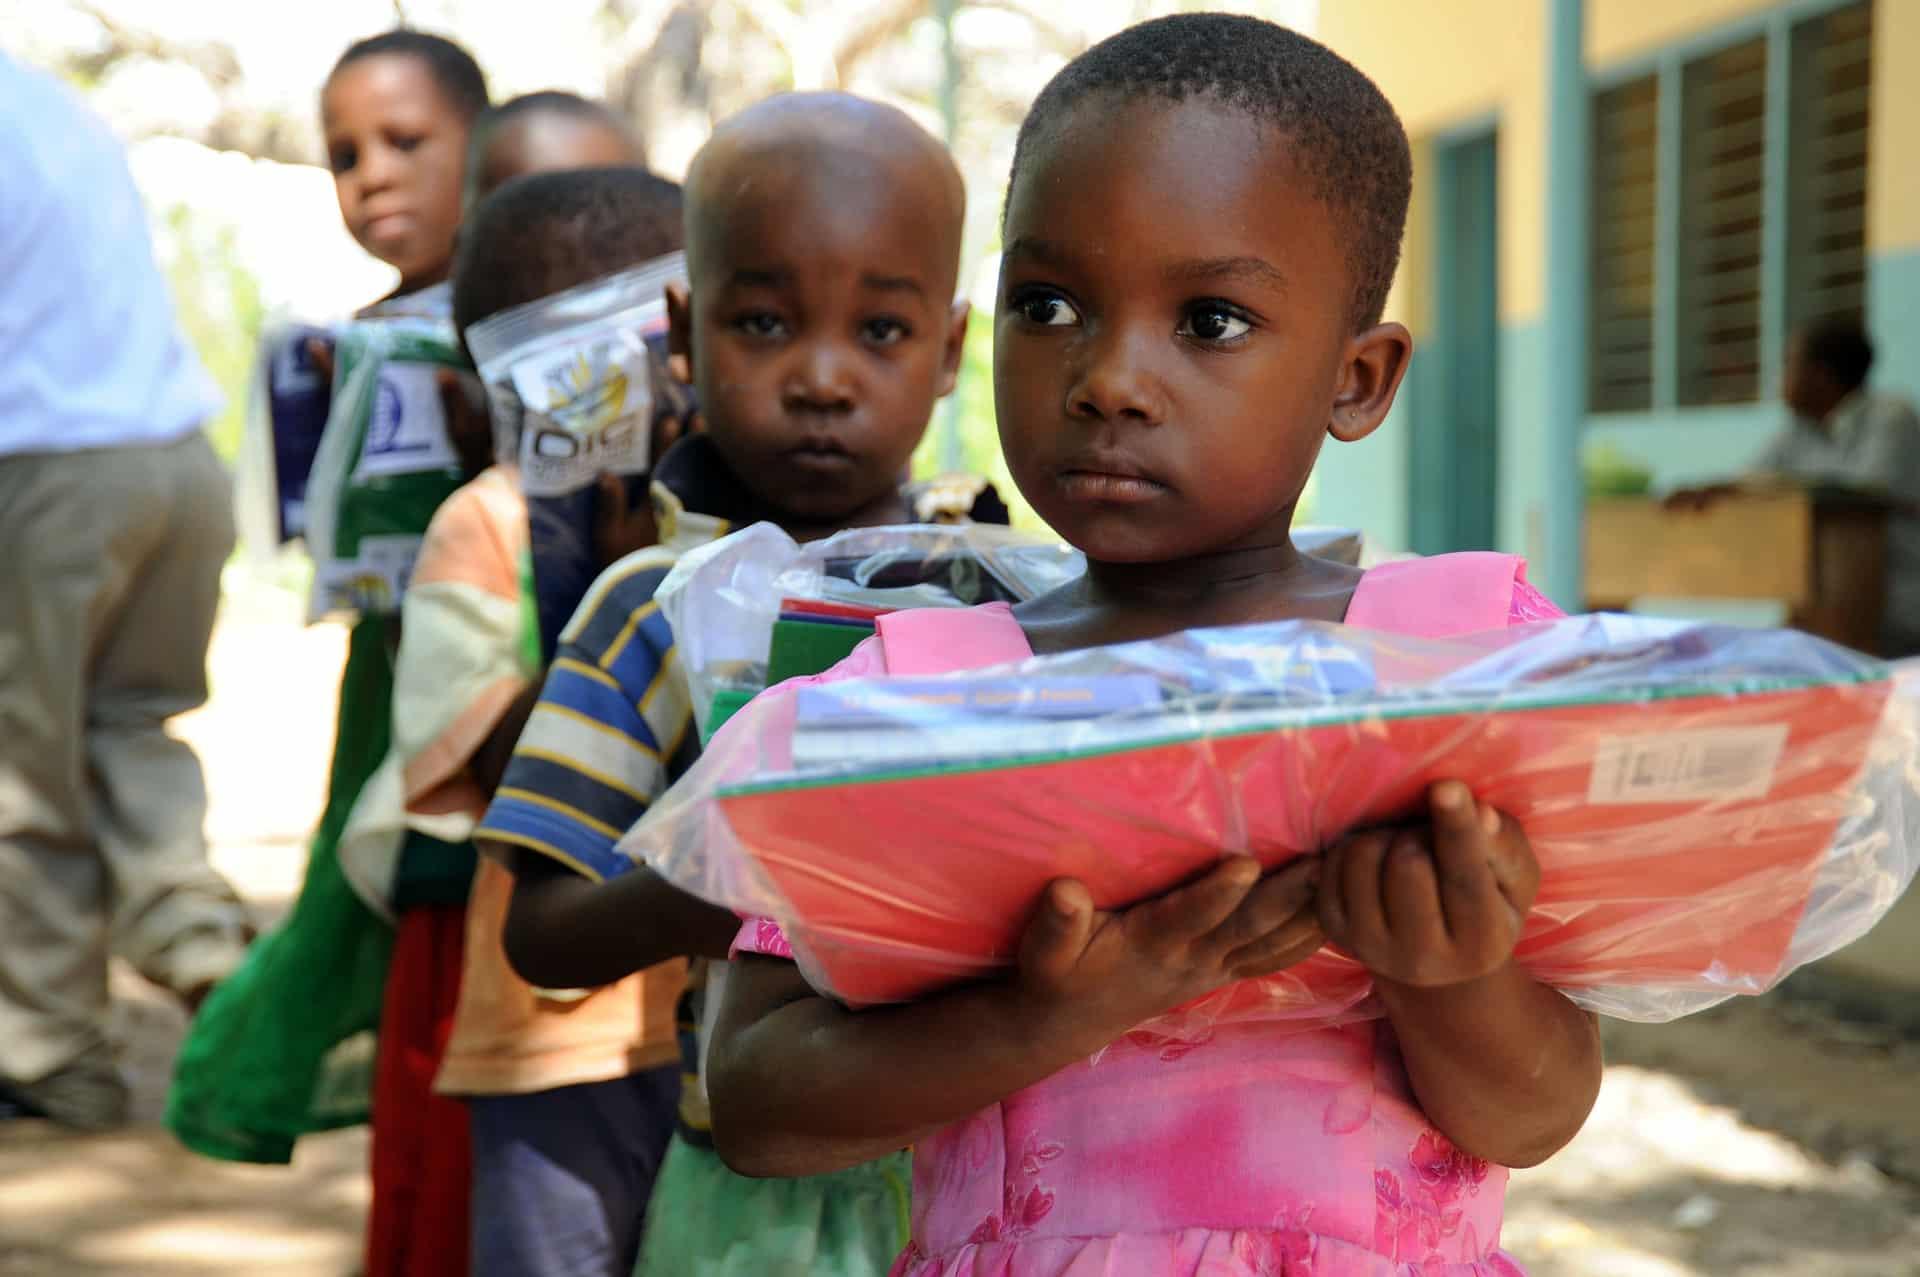 Volontariato internazionale in Tanzania con bambini meno agiati